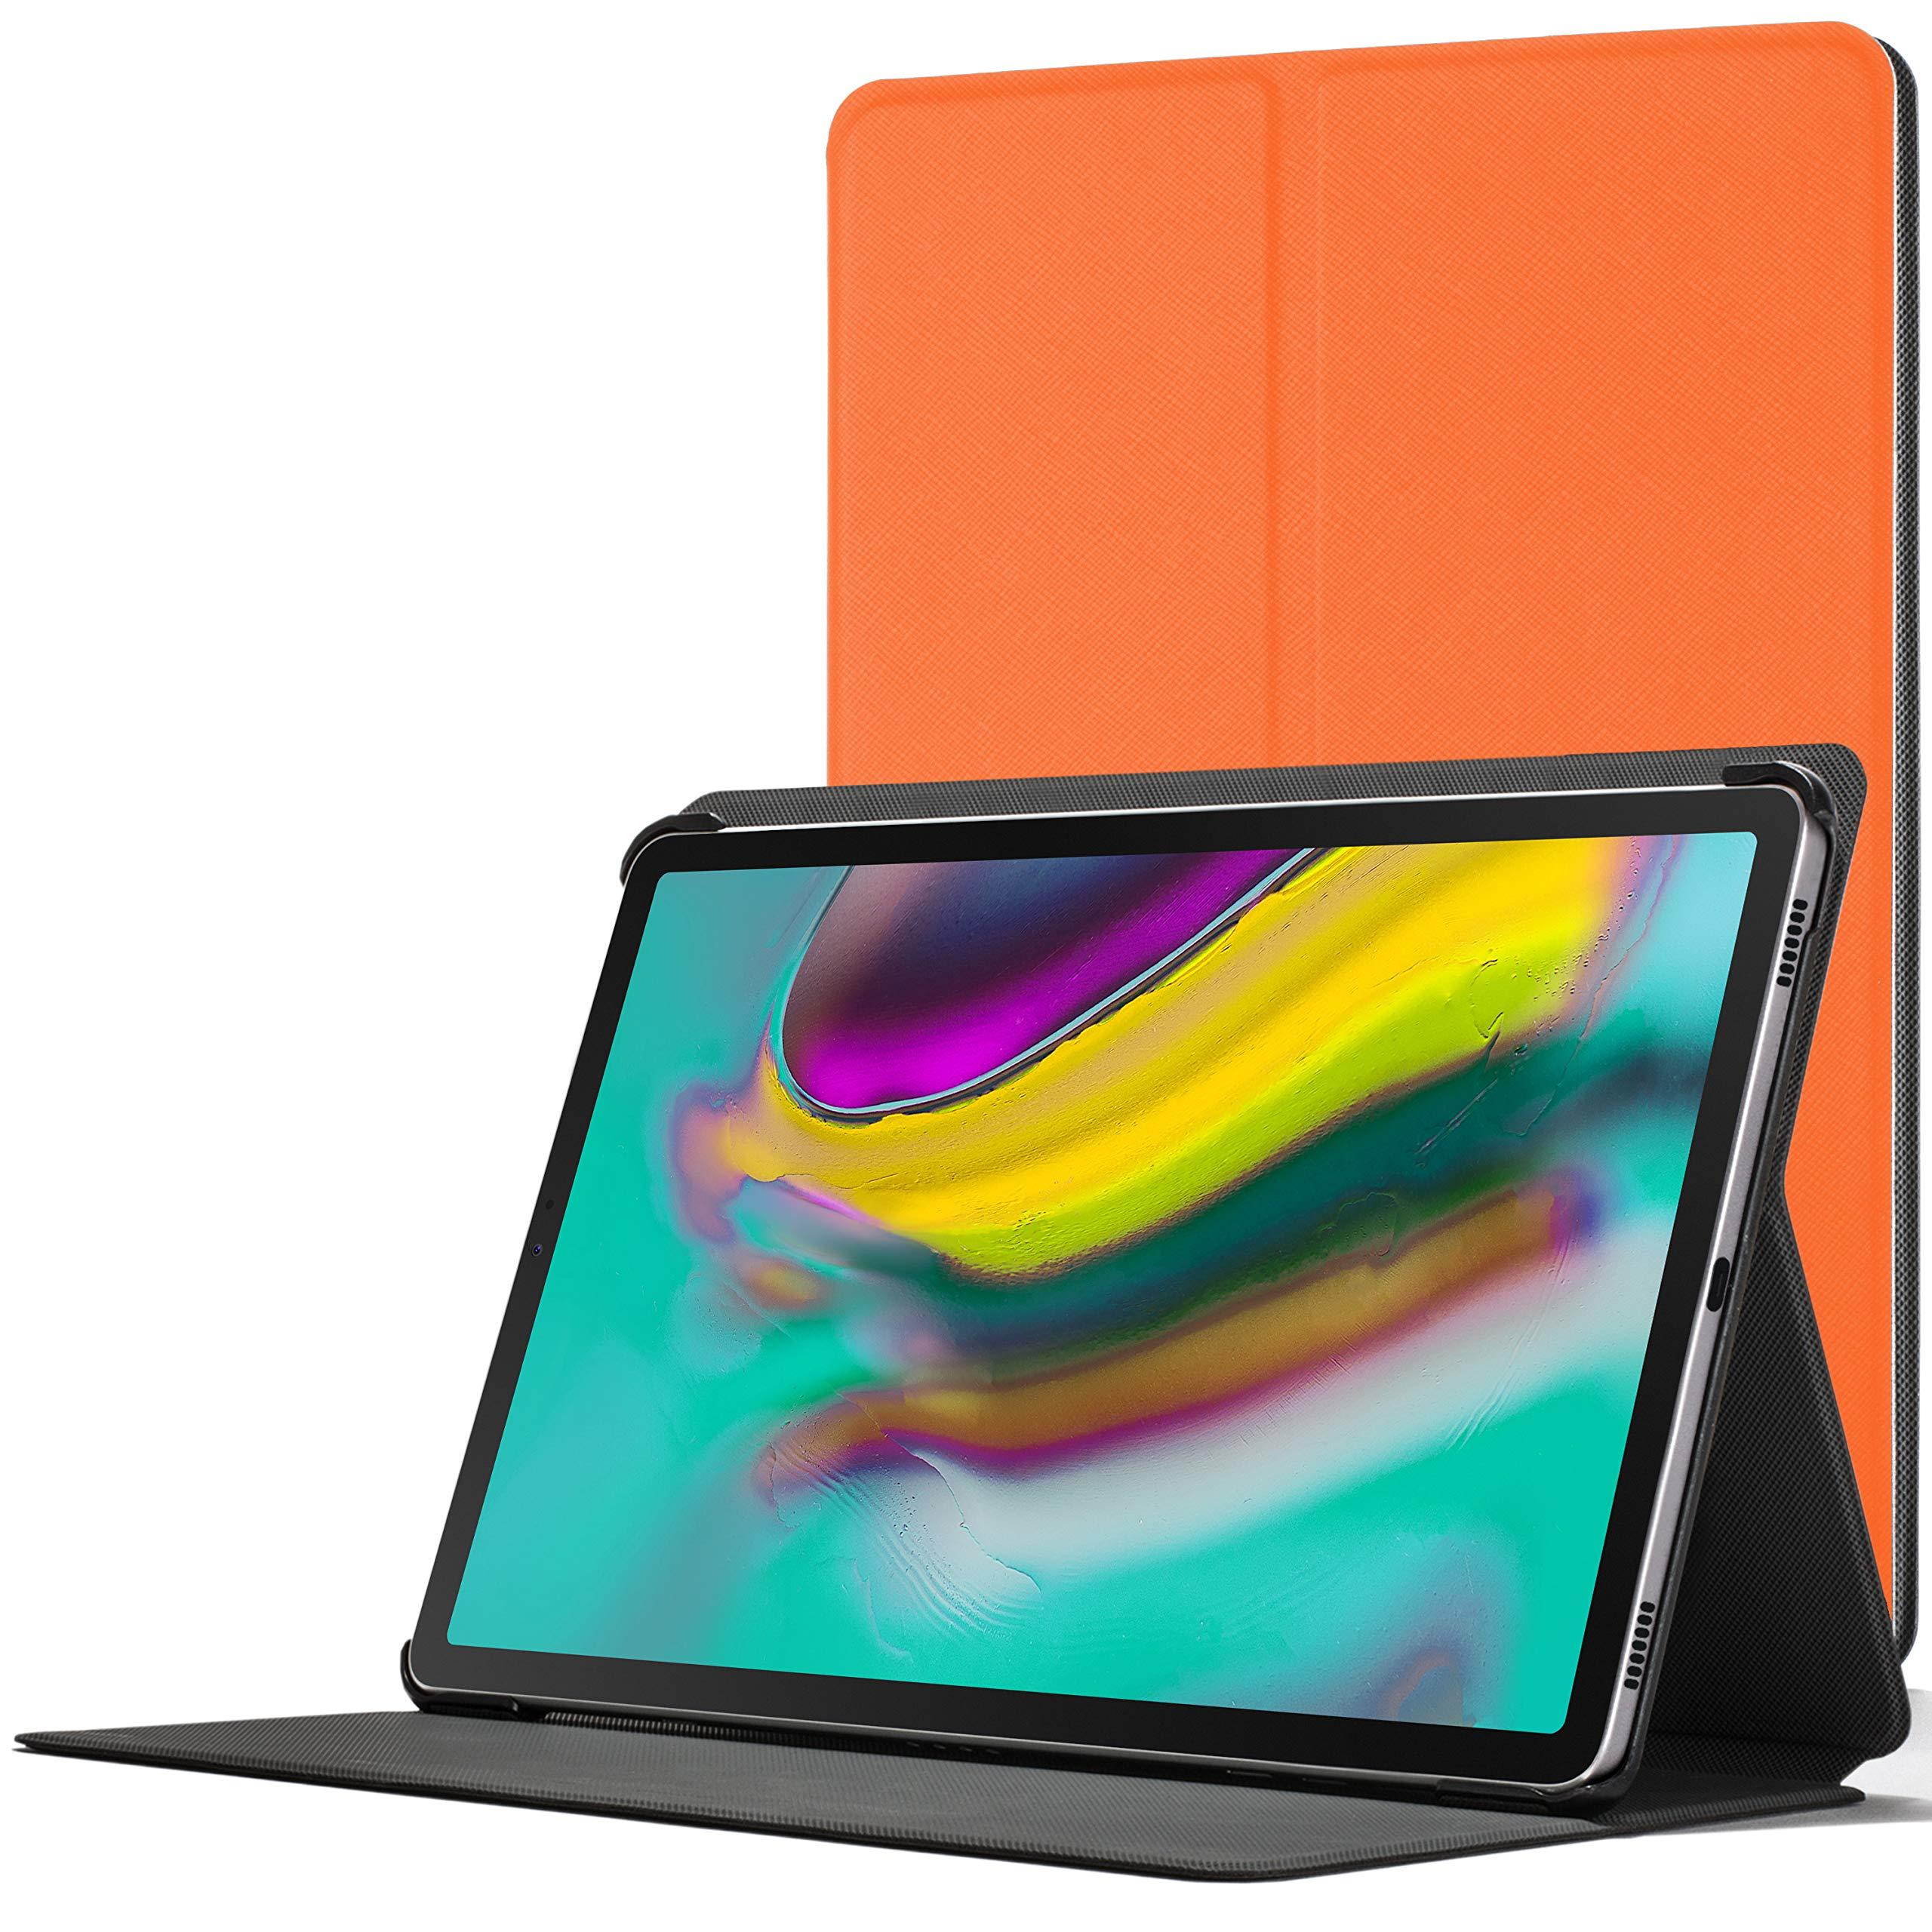 Funda Samsung Galaxy Tab S5e FOREFRONT CASES [7RBZ5Y77]